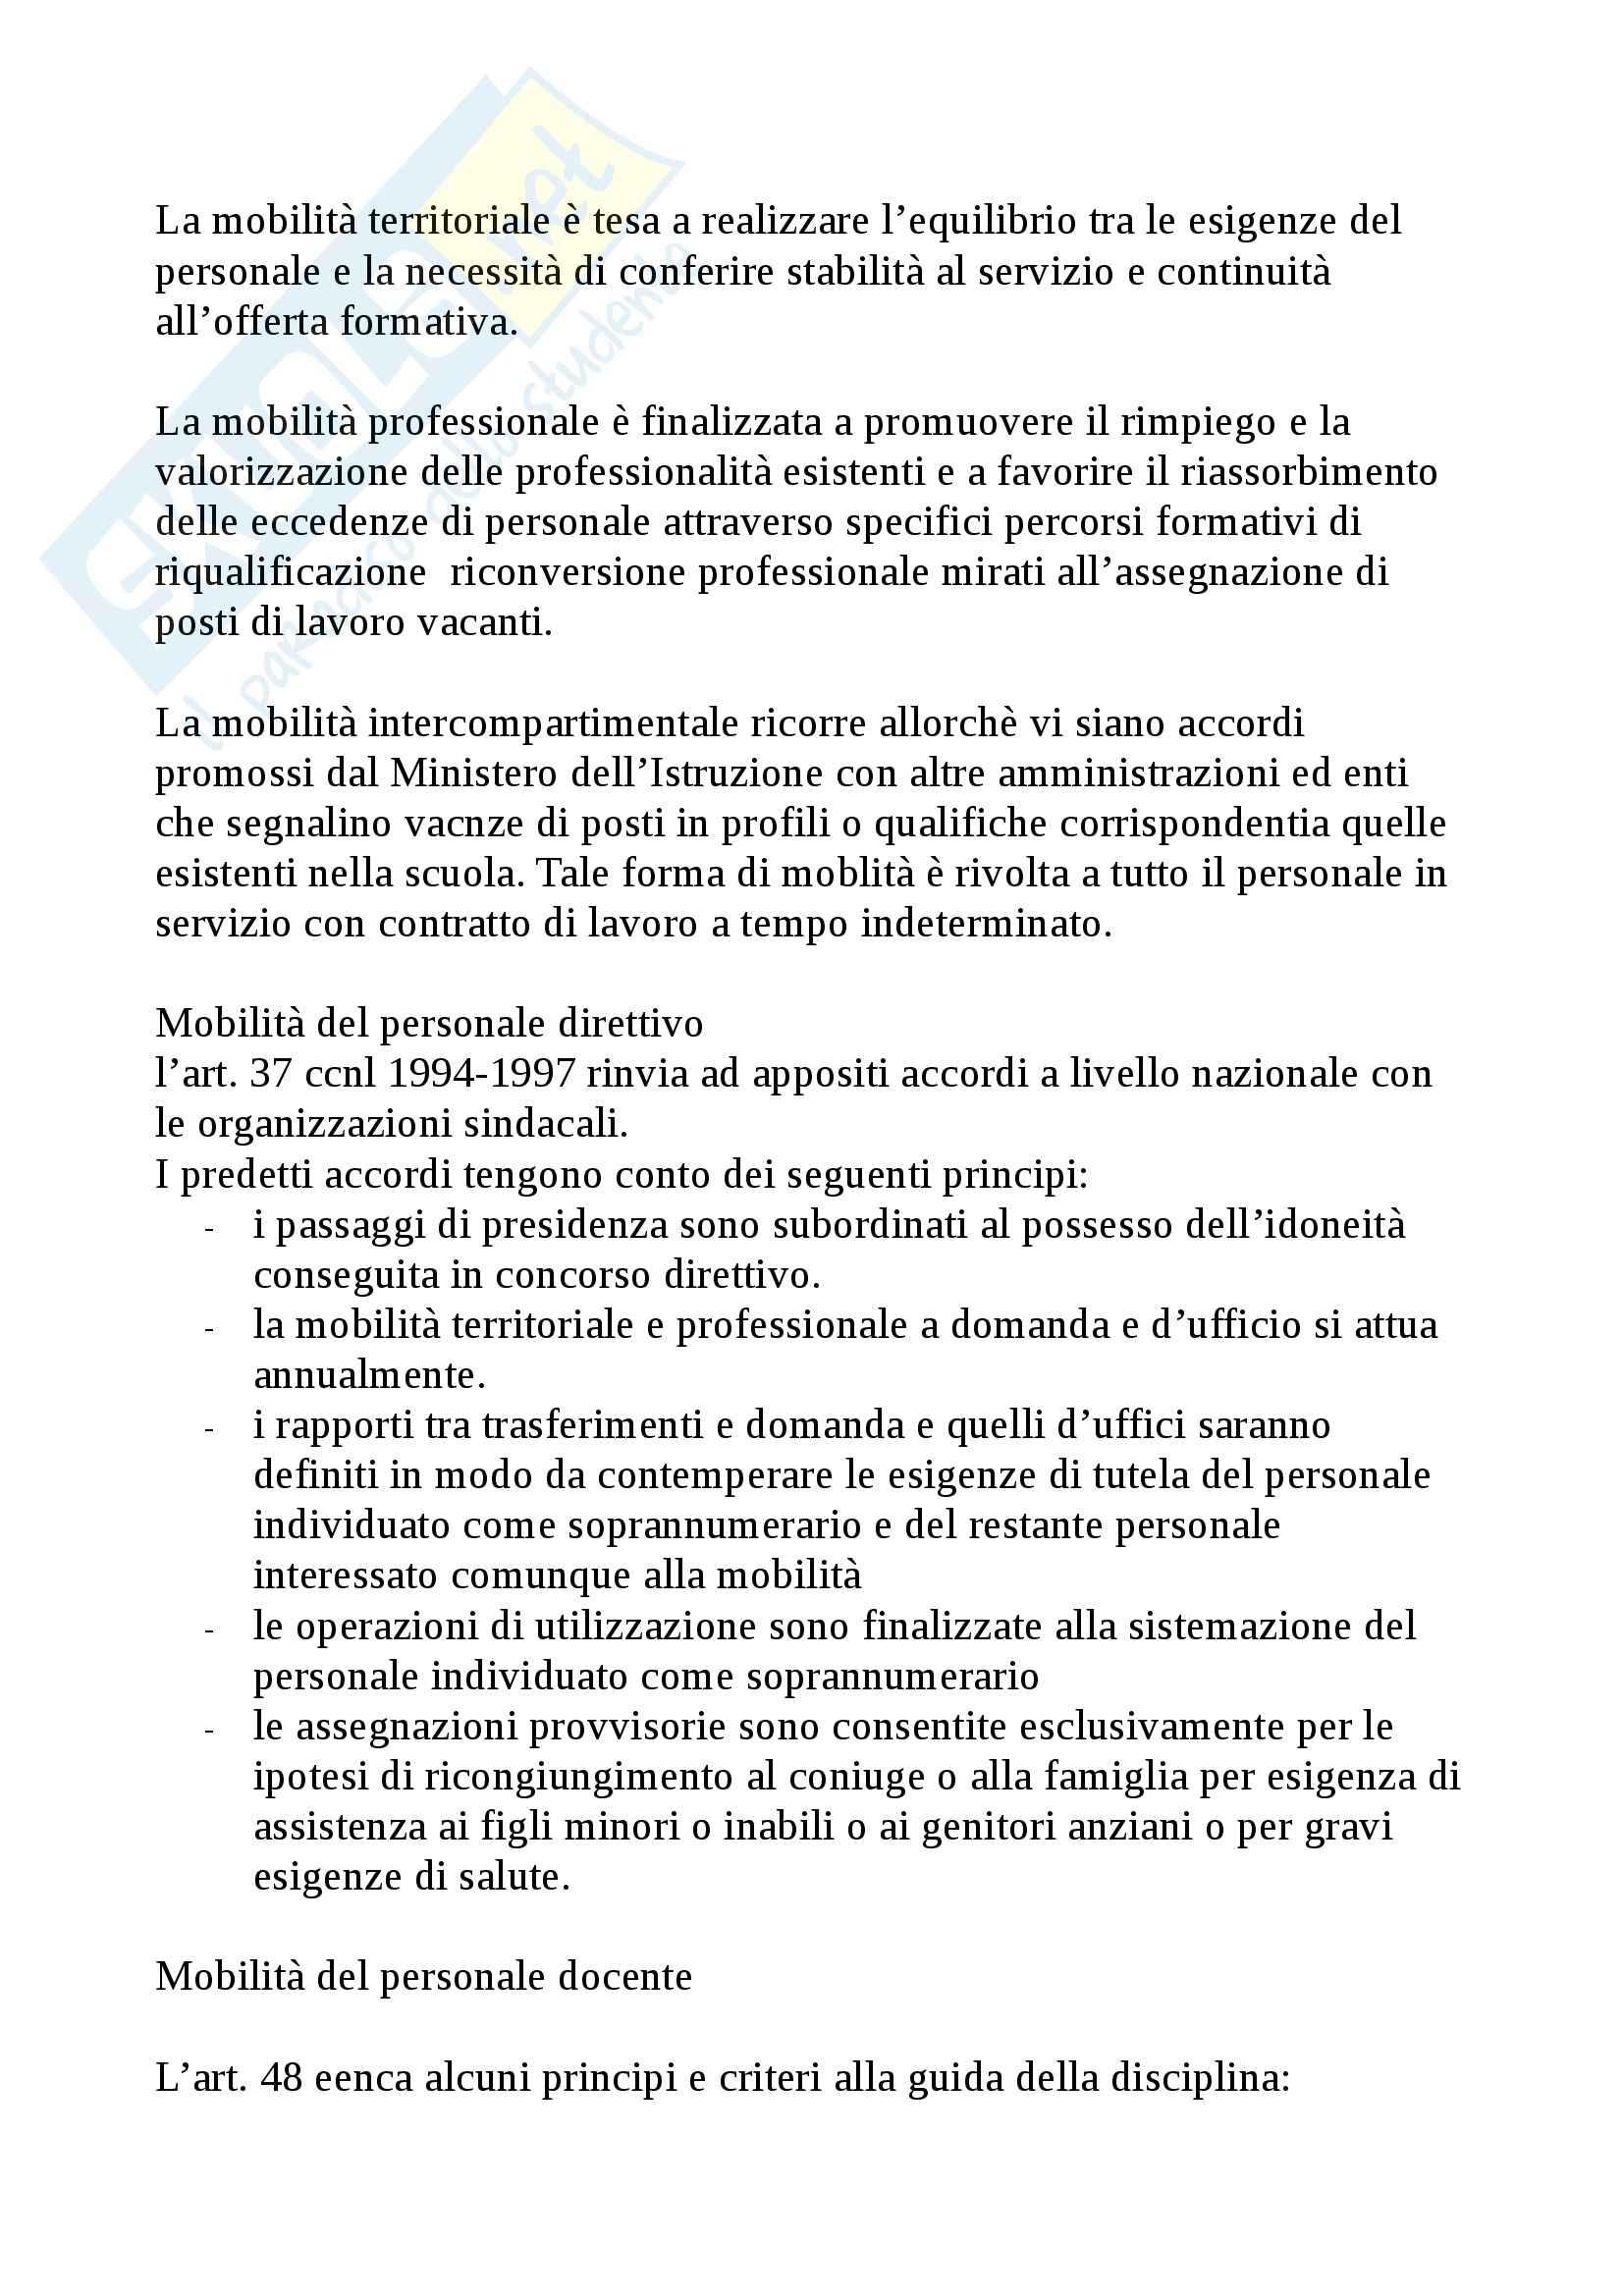 Riassunto esame Legislazione scolastica, prof. Calascibetta, libro consigliato Compendio di legislazione scolastica, Francavilla Pag. 31